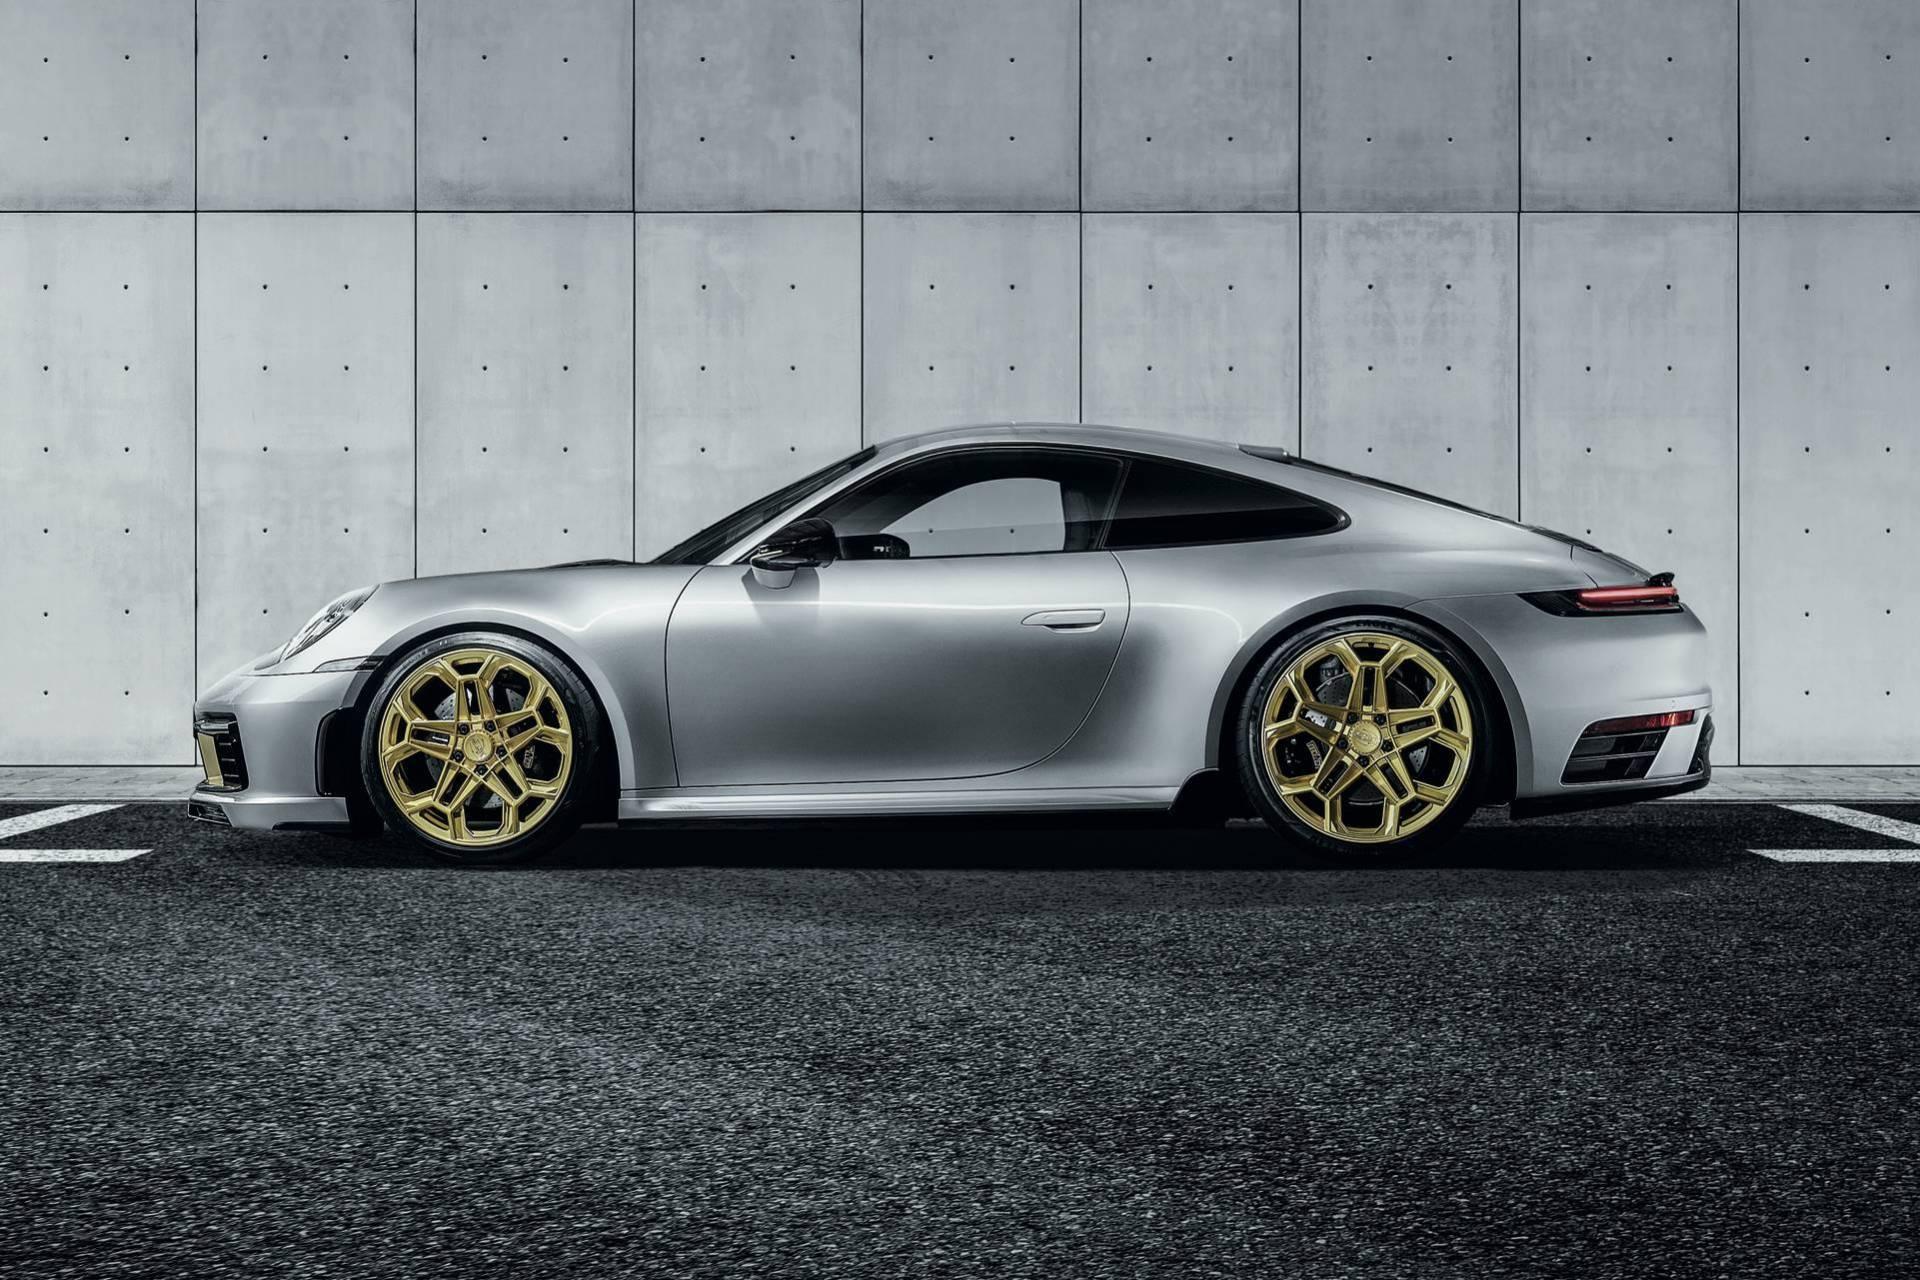 Porsche 911 2020 lot xac voi goi do thu cong hinh anh 7